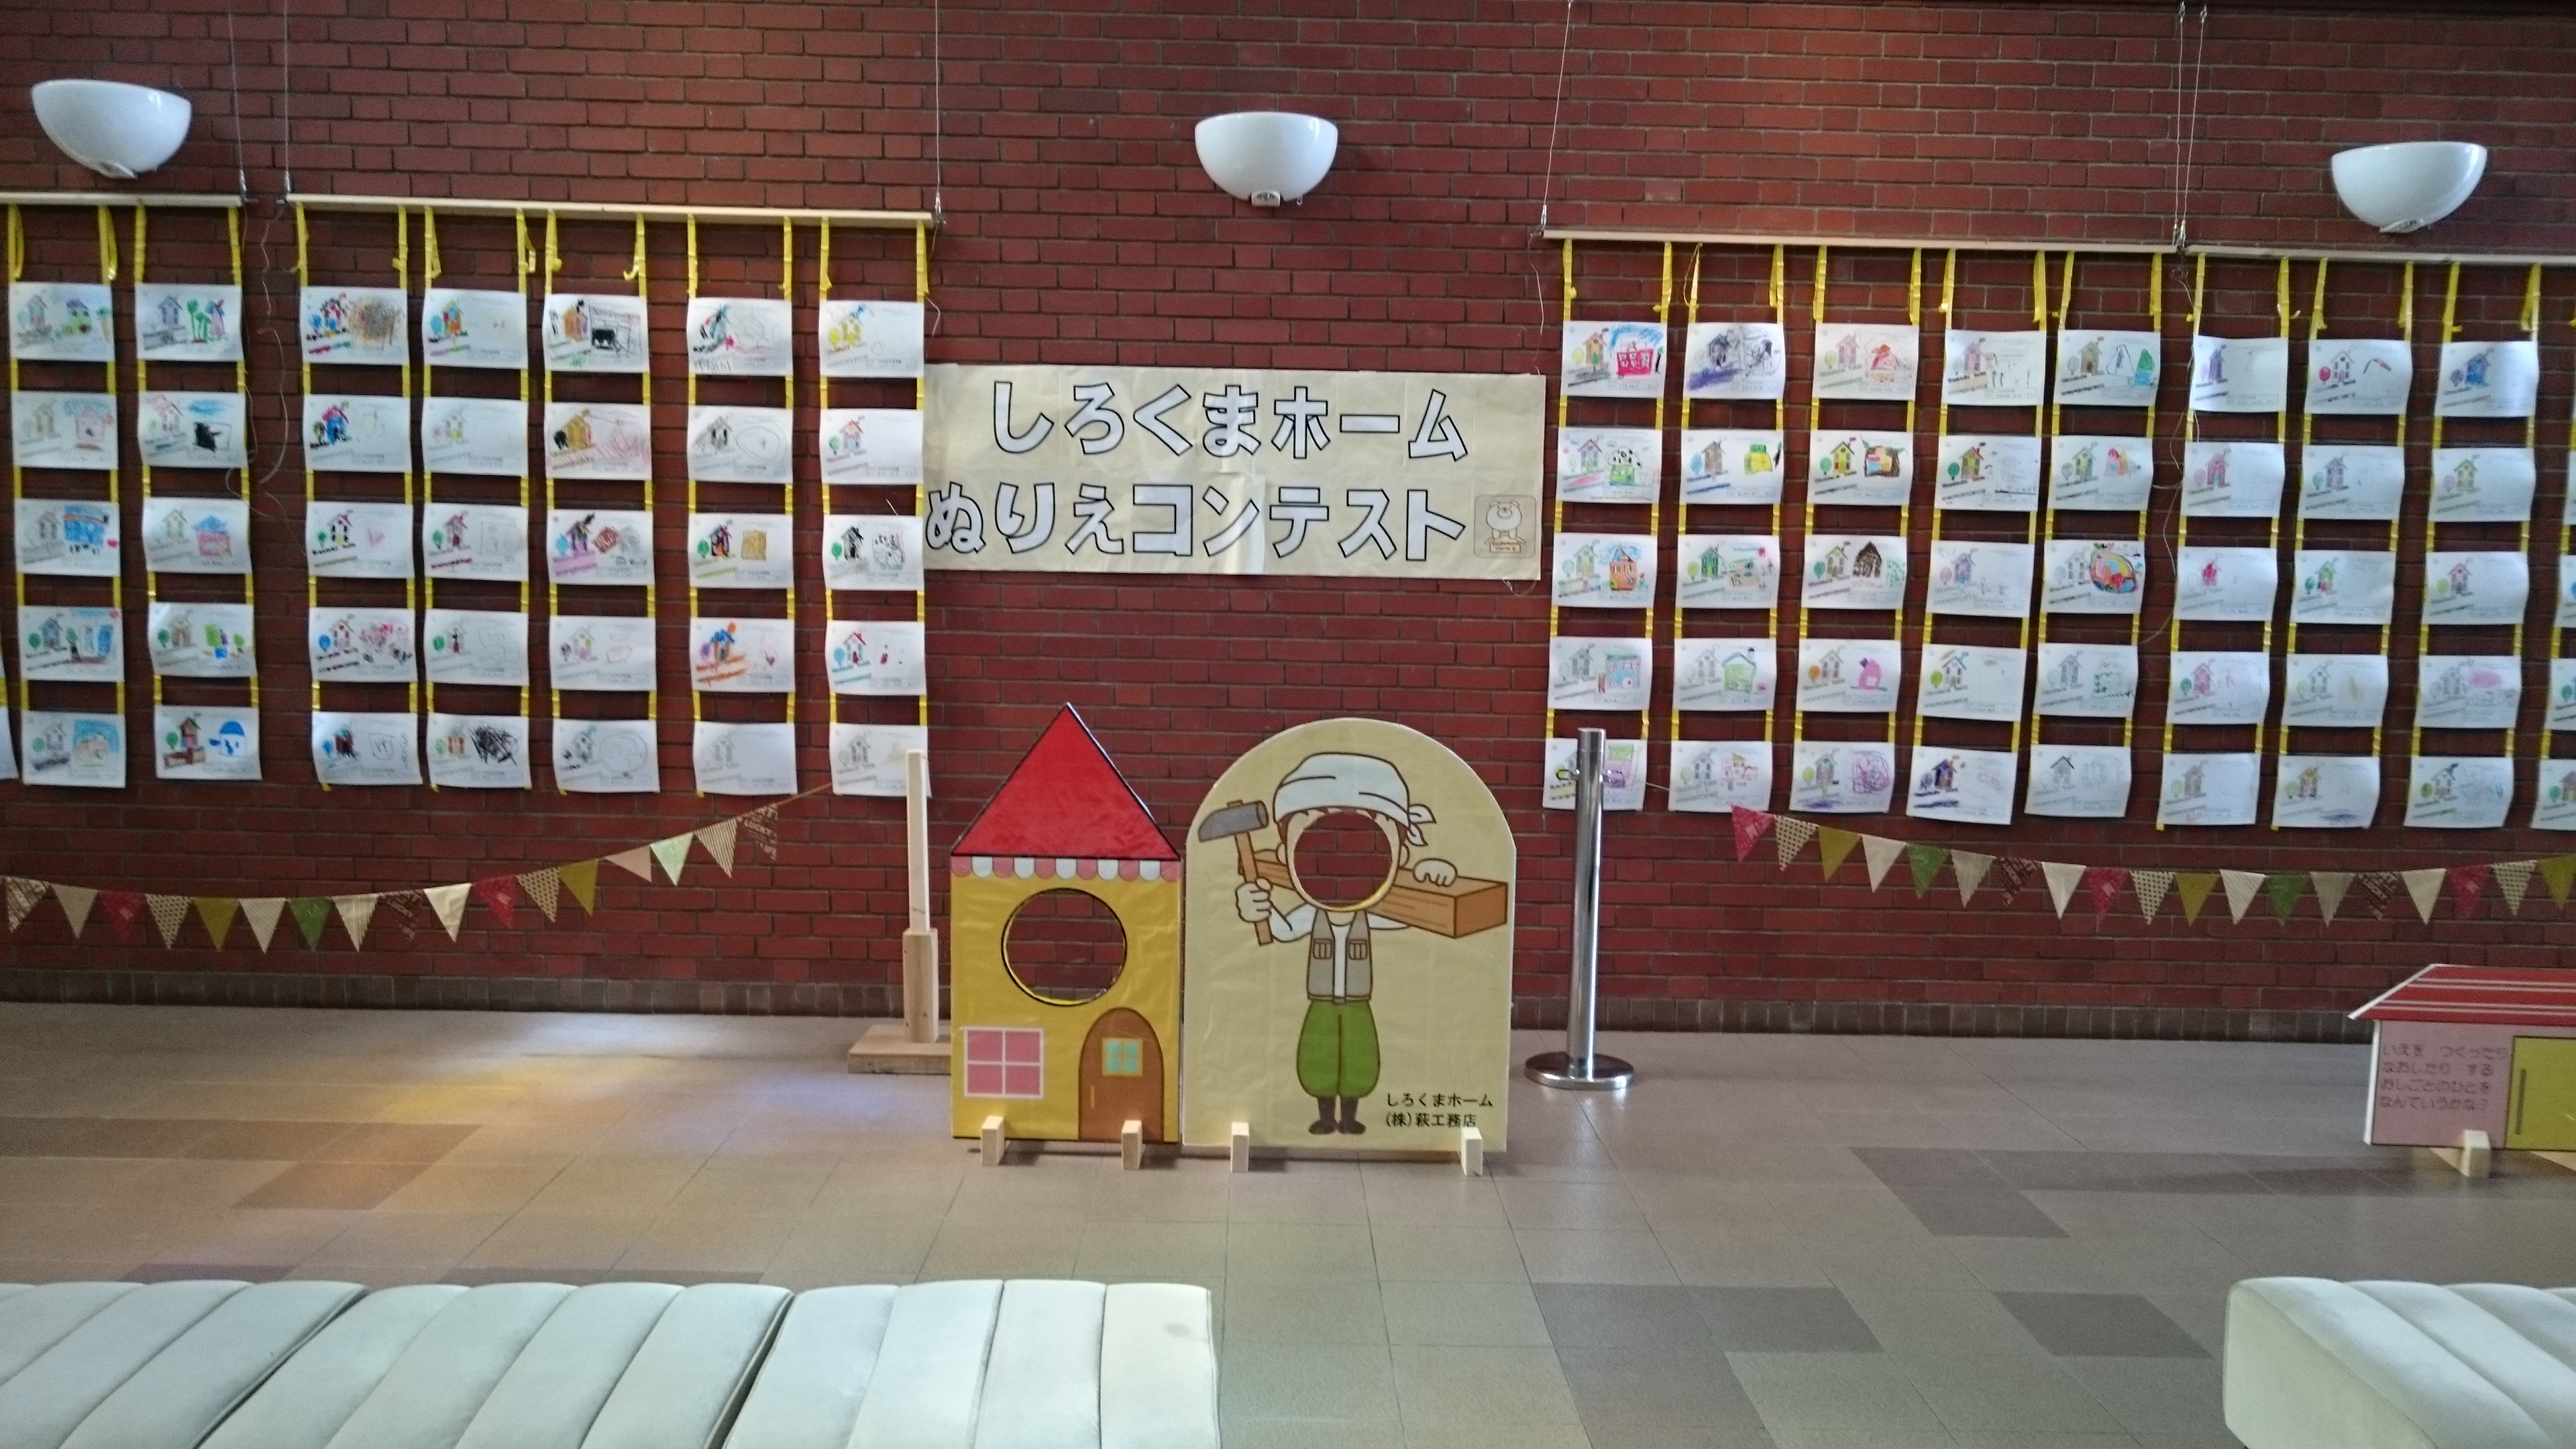 「ぬりえコンテスト」展示開始!